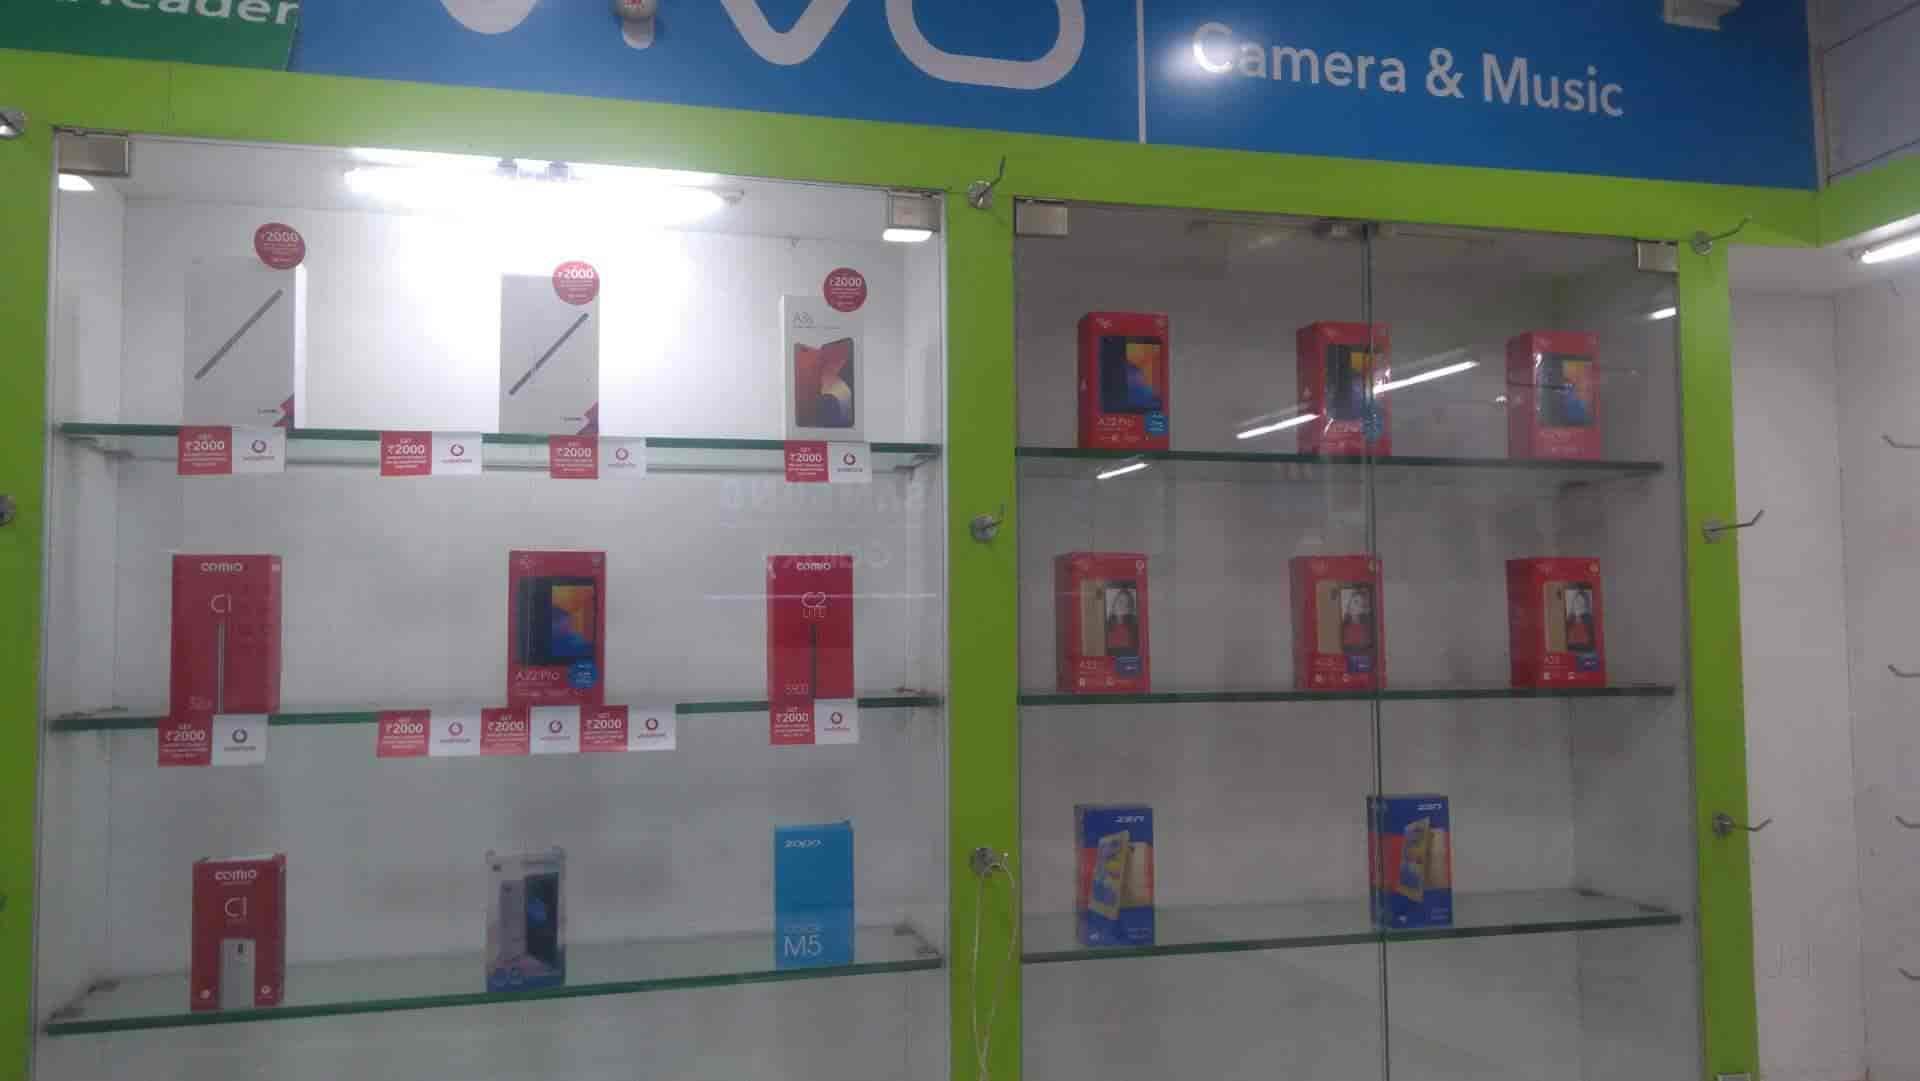 Raja Mobile, Sainathapuram Vlr - Mobile Phone Dealers in